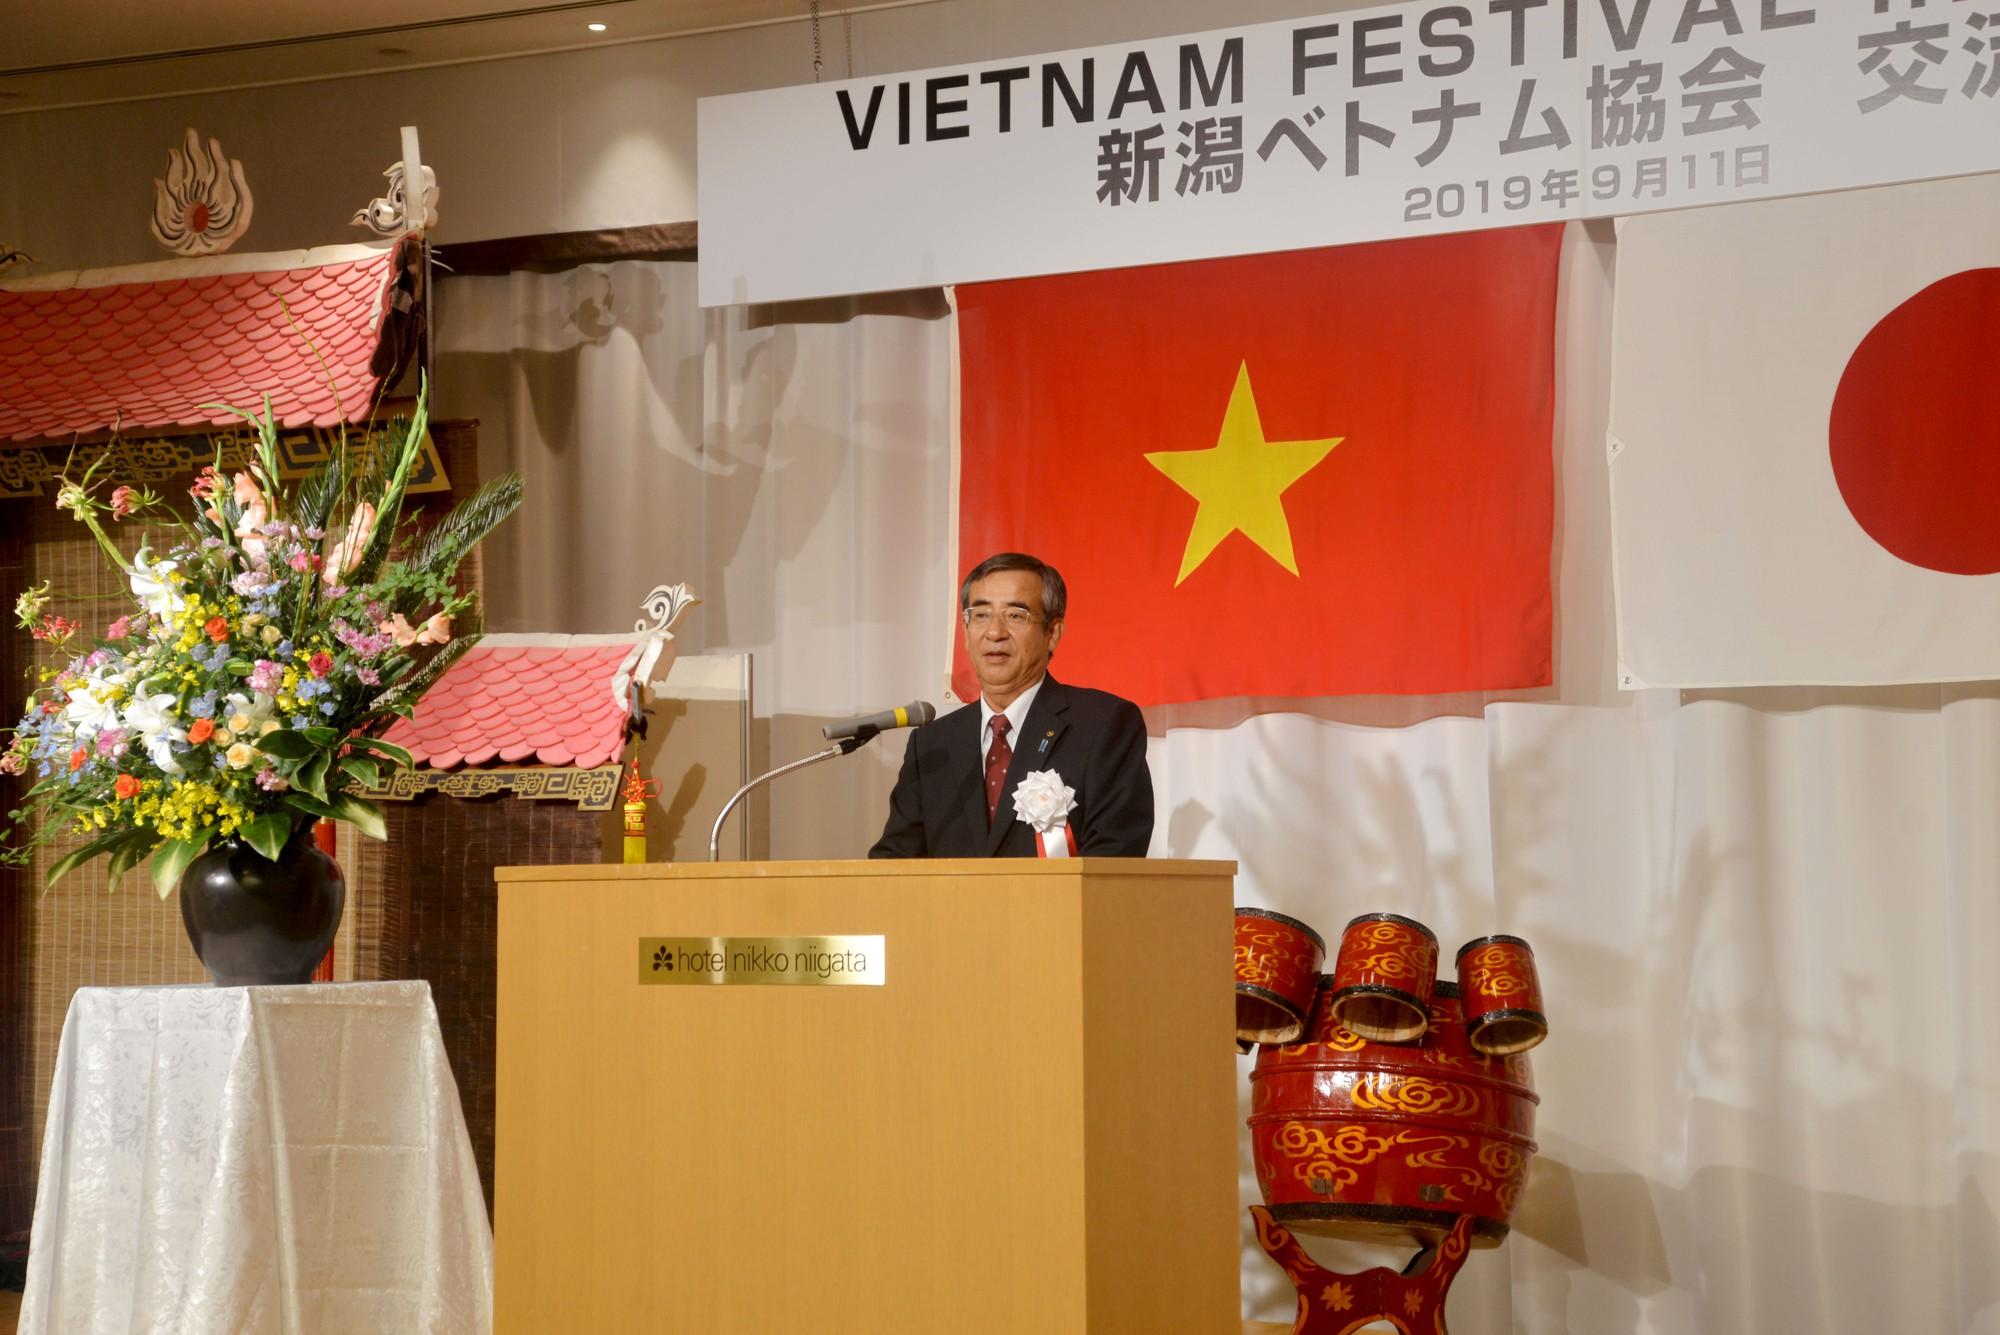 Lễ hội Việt Nam tại Niigata 2019 - Ảnh 1.